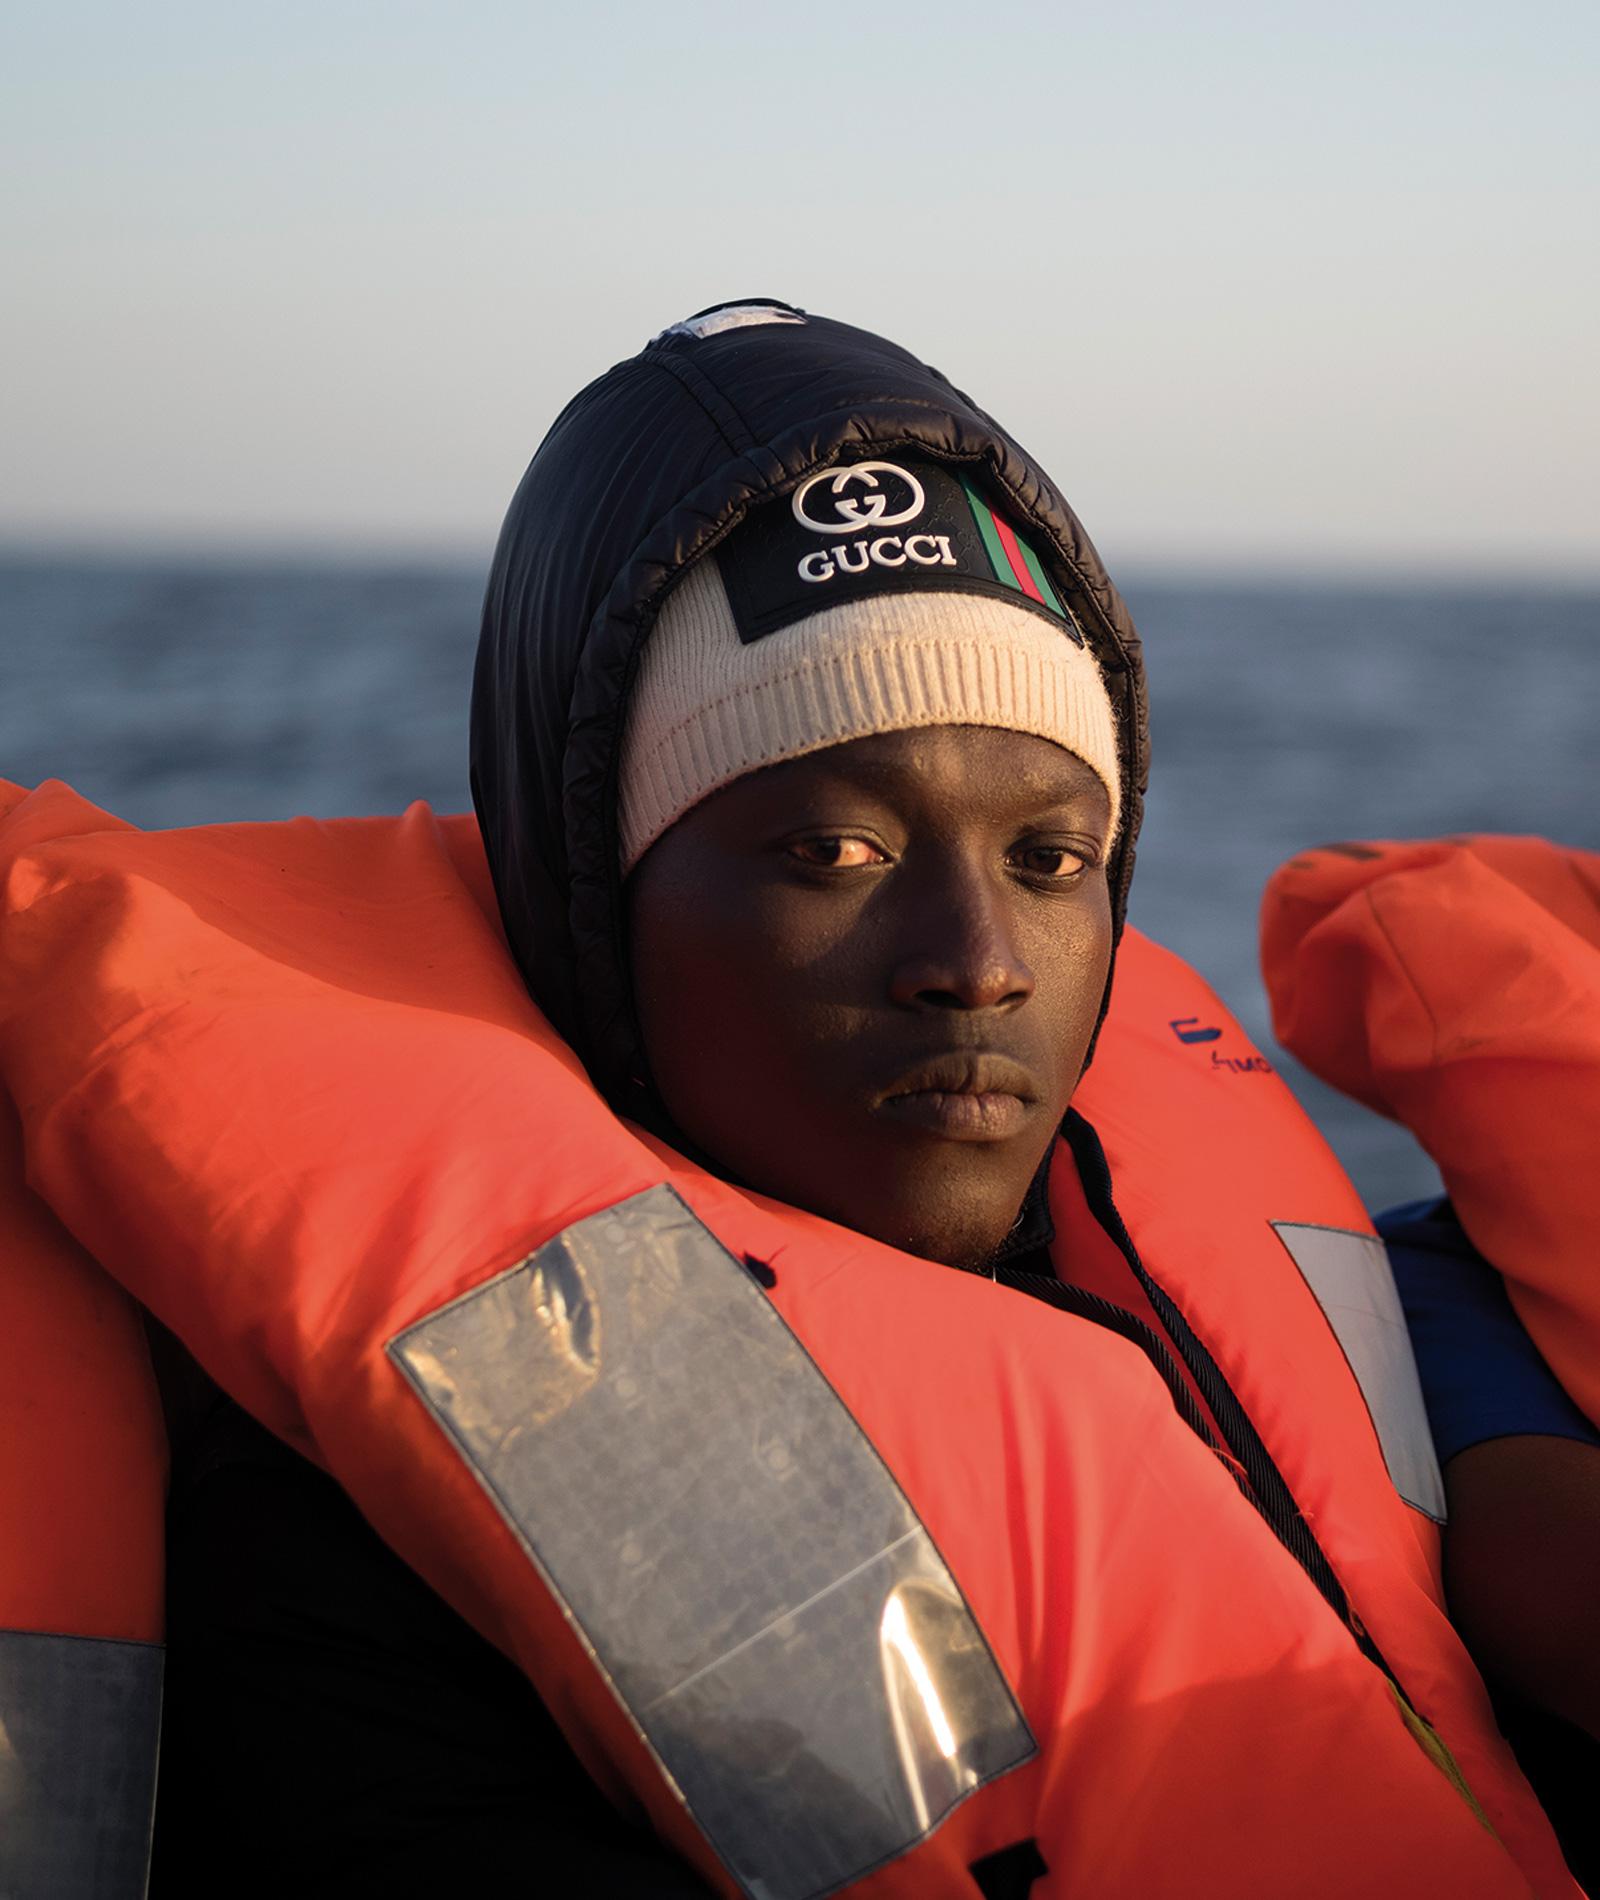 Ibrahima tittar in i kameran. Han har mössa och flytväst.